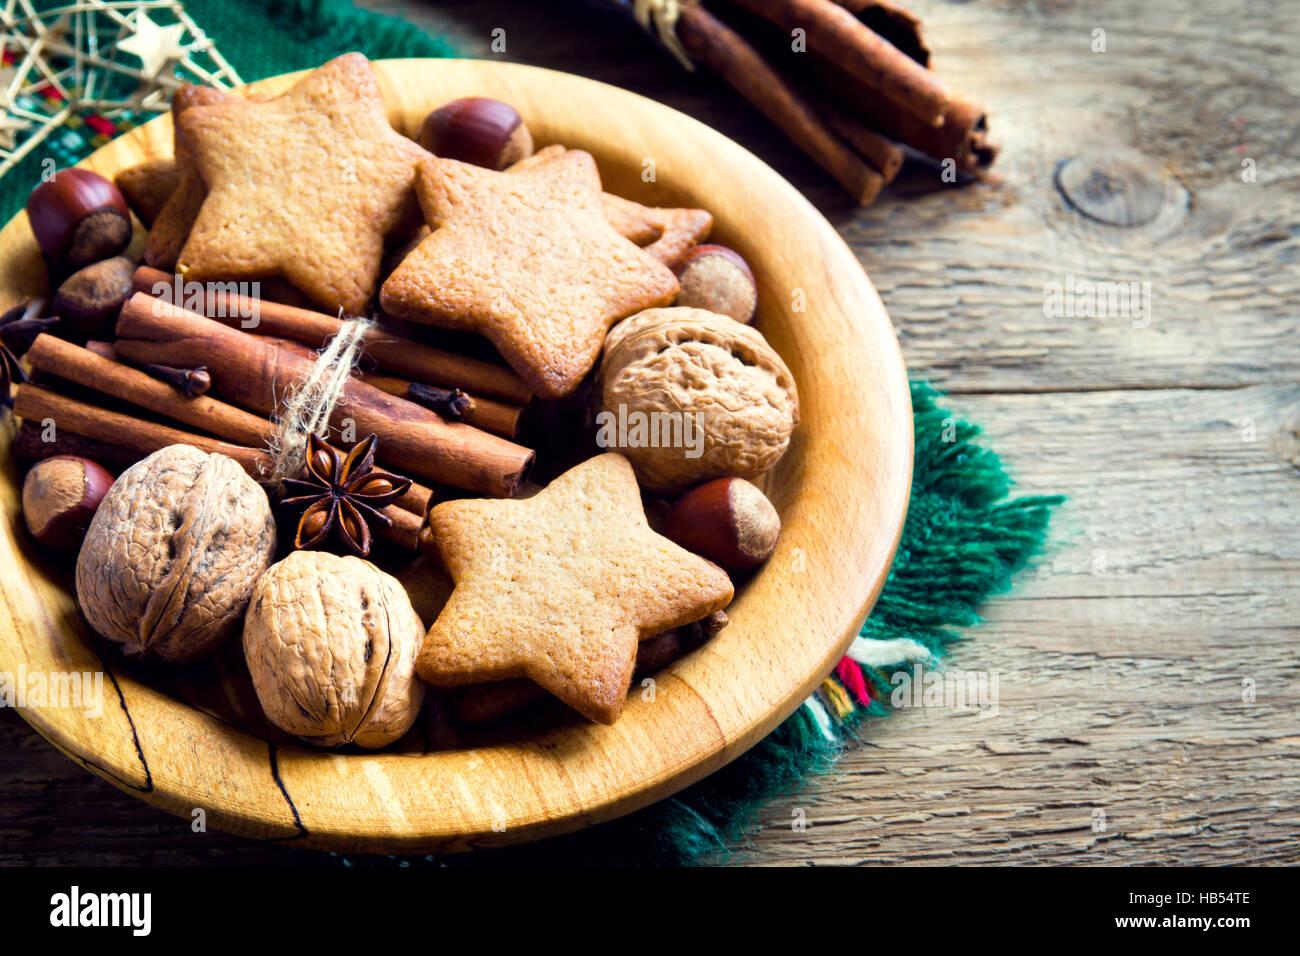 Rustikale Weihnachts-Dekoration mit Lebkuchen, Nüssen und weihnachtlichen Gewürzen auf Holzplatte hautnah Stockbild